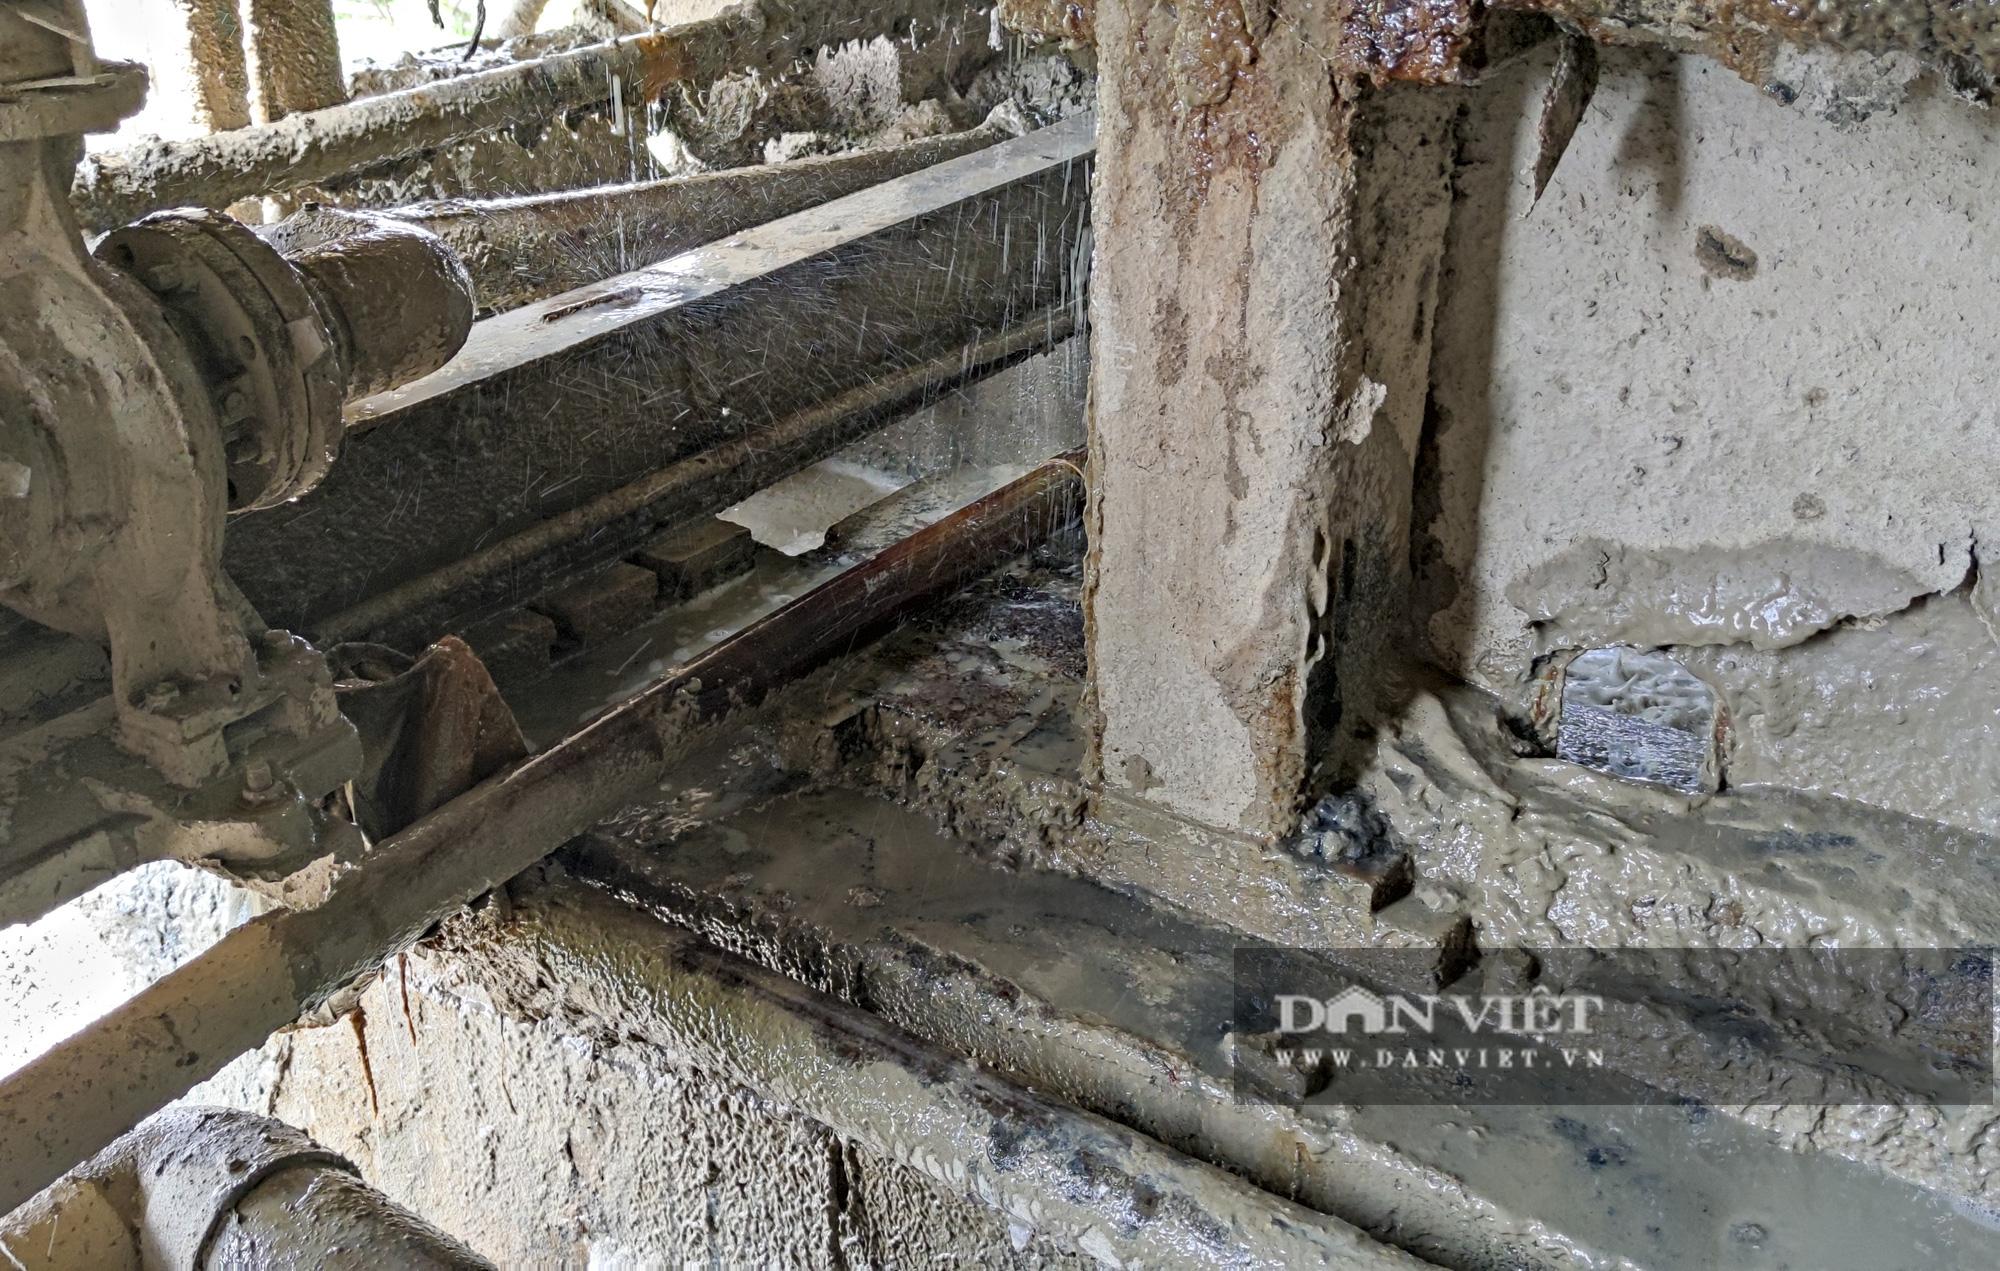 Kinh hãi bên trong nhà máy sản xuất giấy vừa bị đình chỉ ở Phong Khê - Ảnh 8.